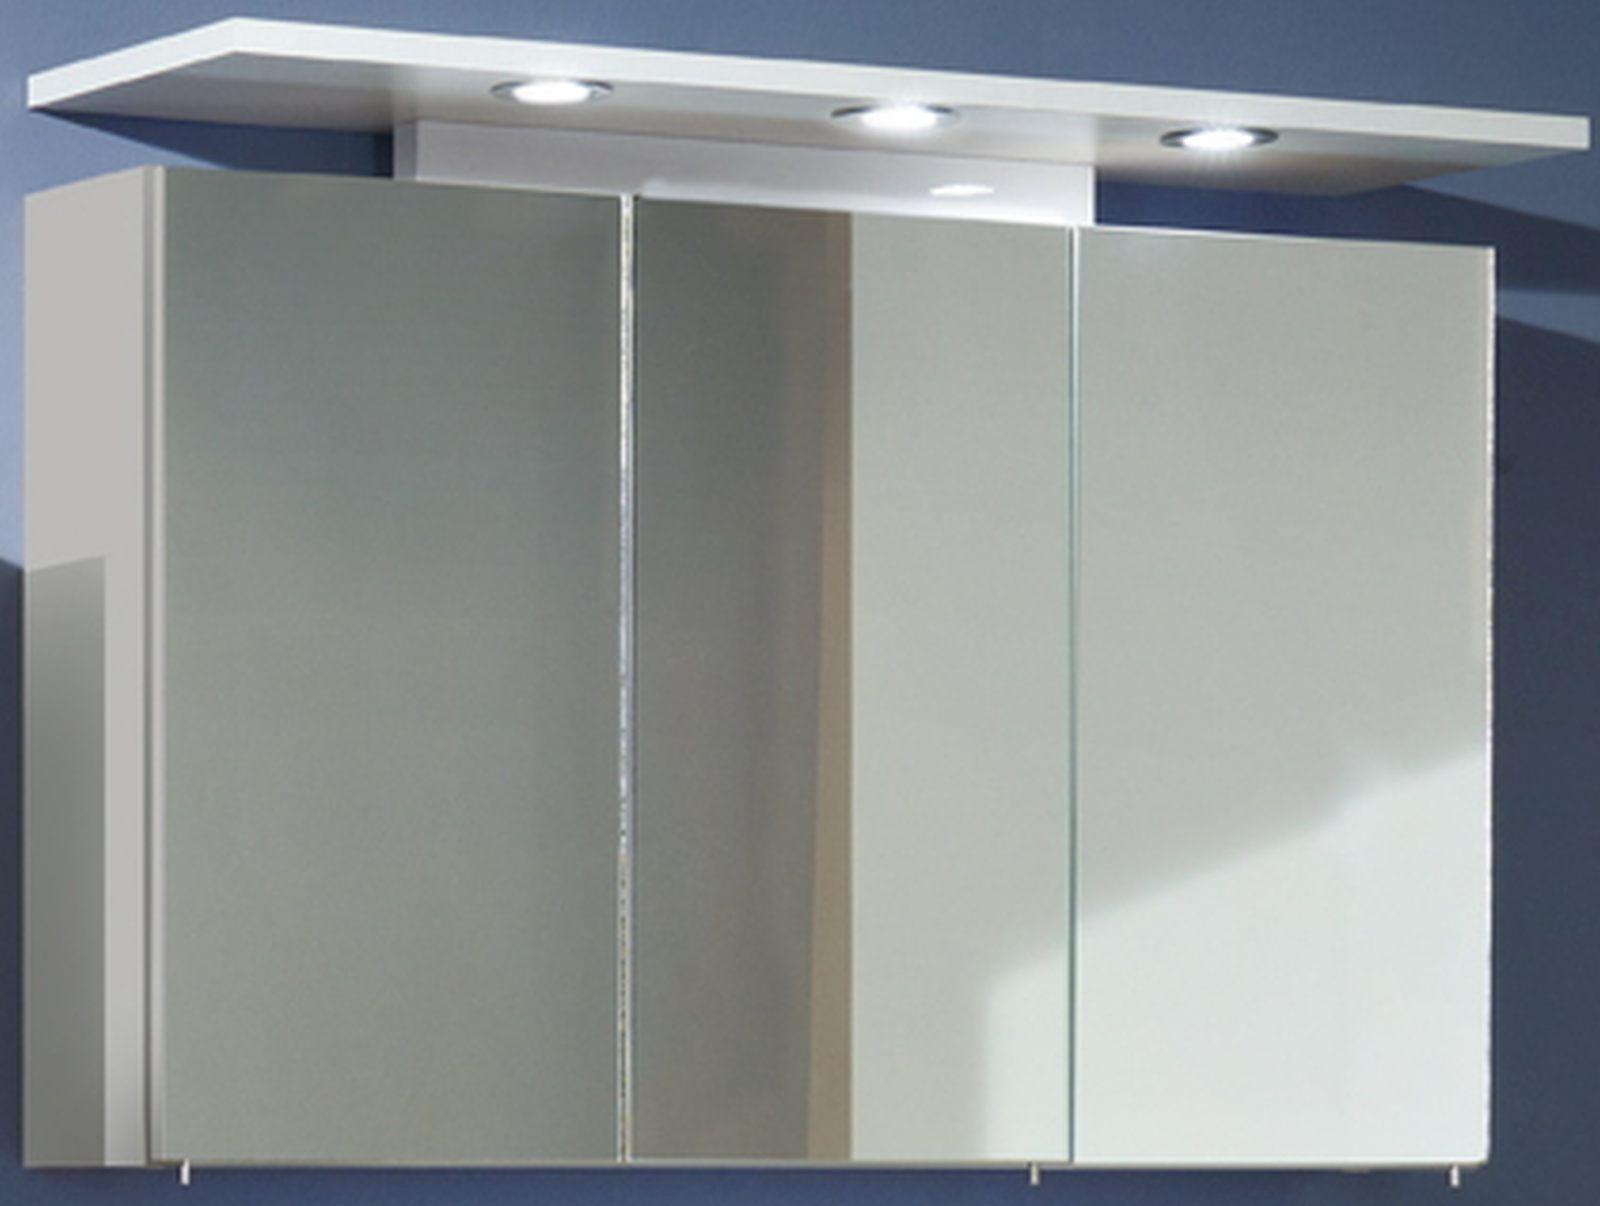 Led Bad Spiegelschrank 100cm Strahler 3x 1 8 W Schalter Steckdose